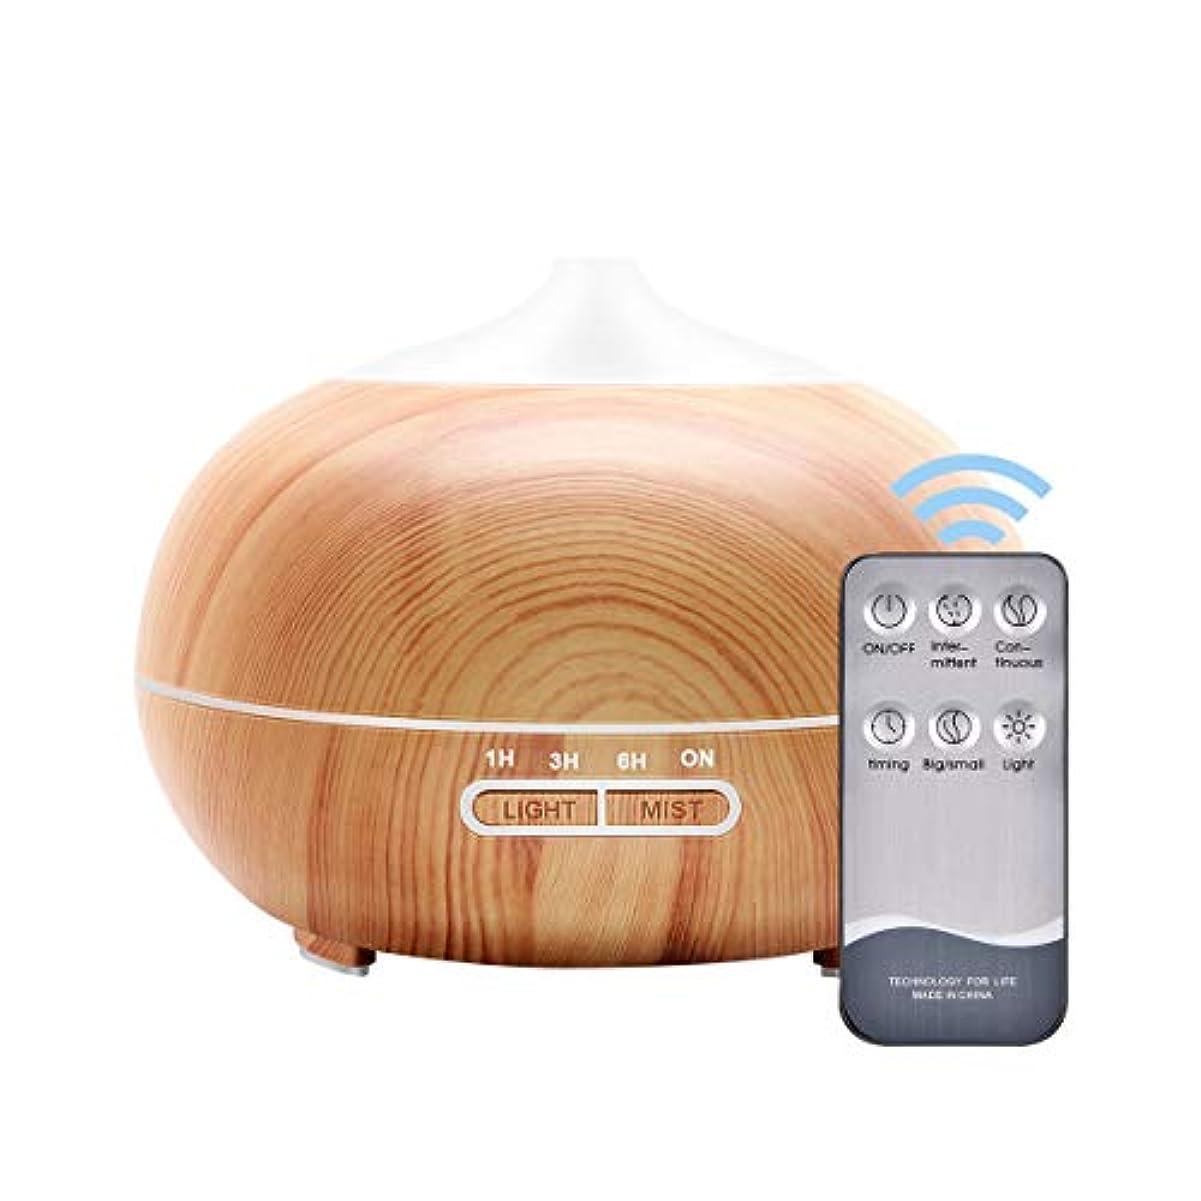 ハブブ惨めな熱意Healifty Essential Oil Diffuser Aroma Essential Oil Cool Mist Humidifier Remote Control Aromatherapy Diffuser...